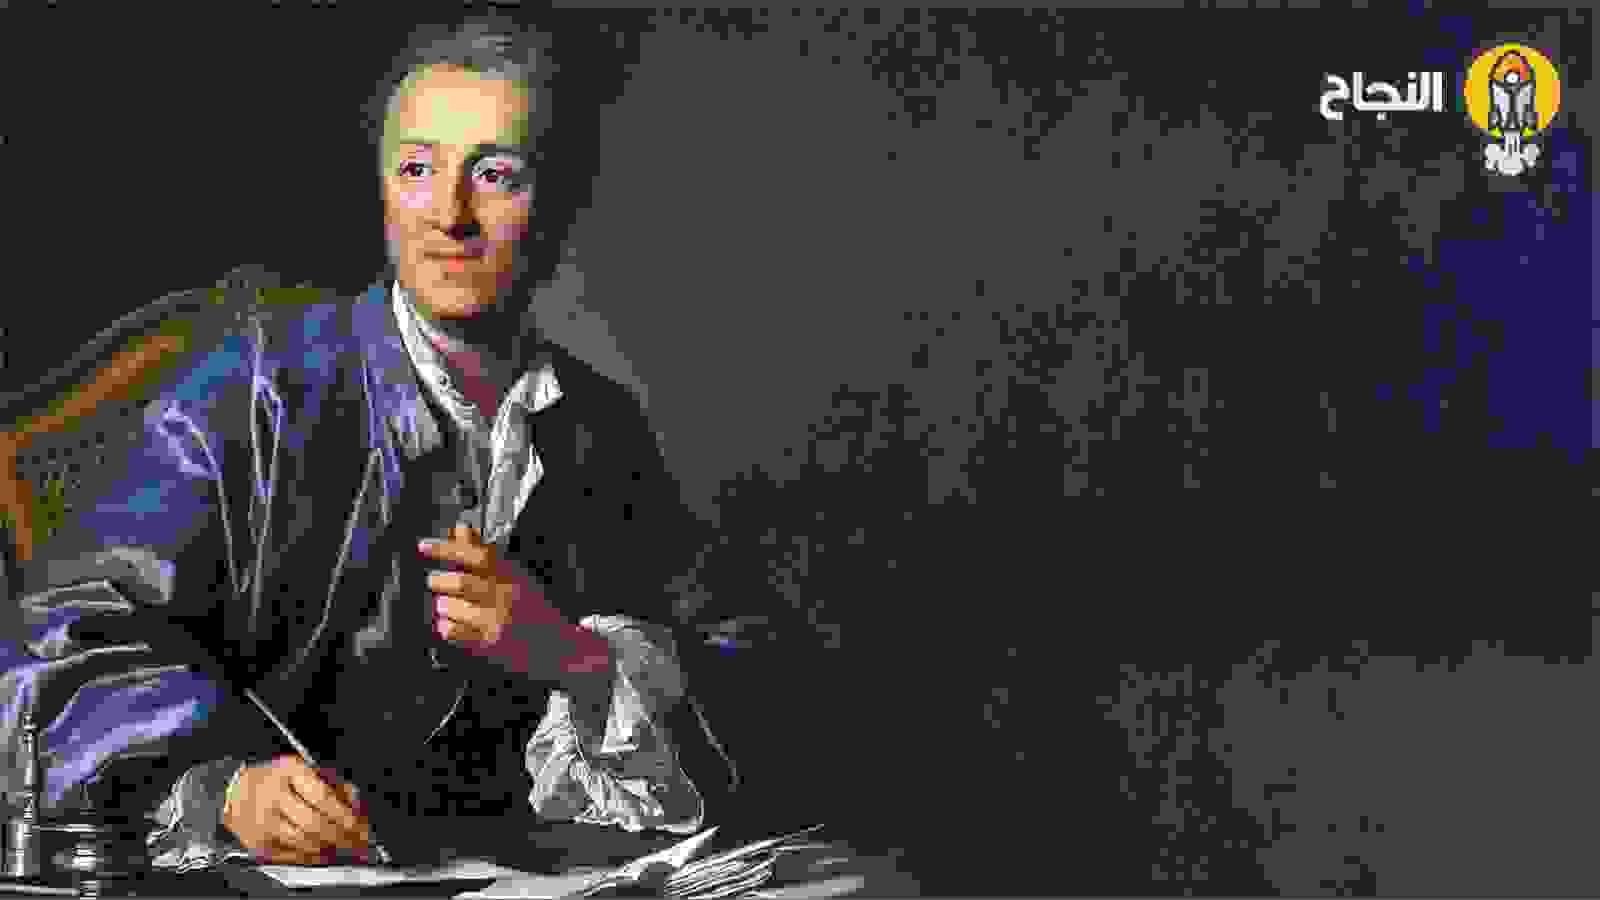 الفيلسوف الفرنسي الشهير دنيس ديدرو (Denis Diderot)